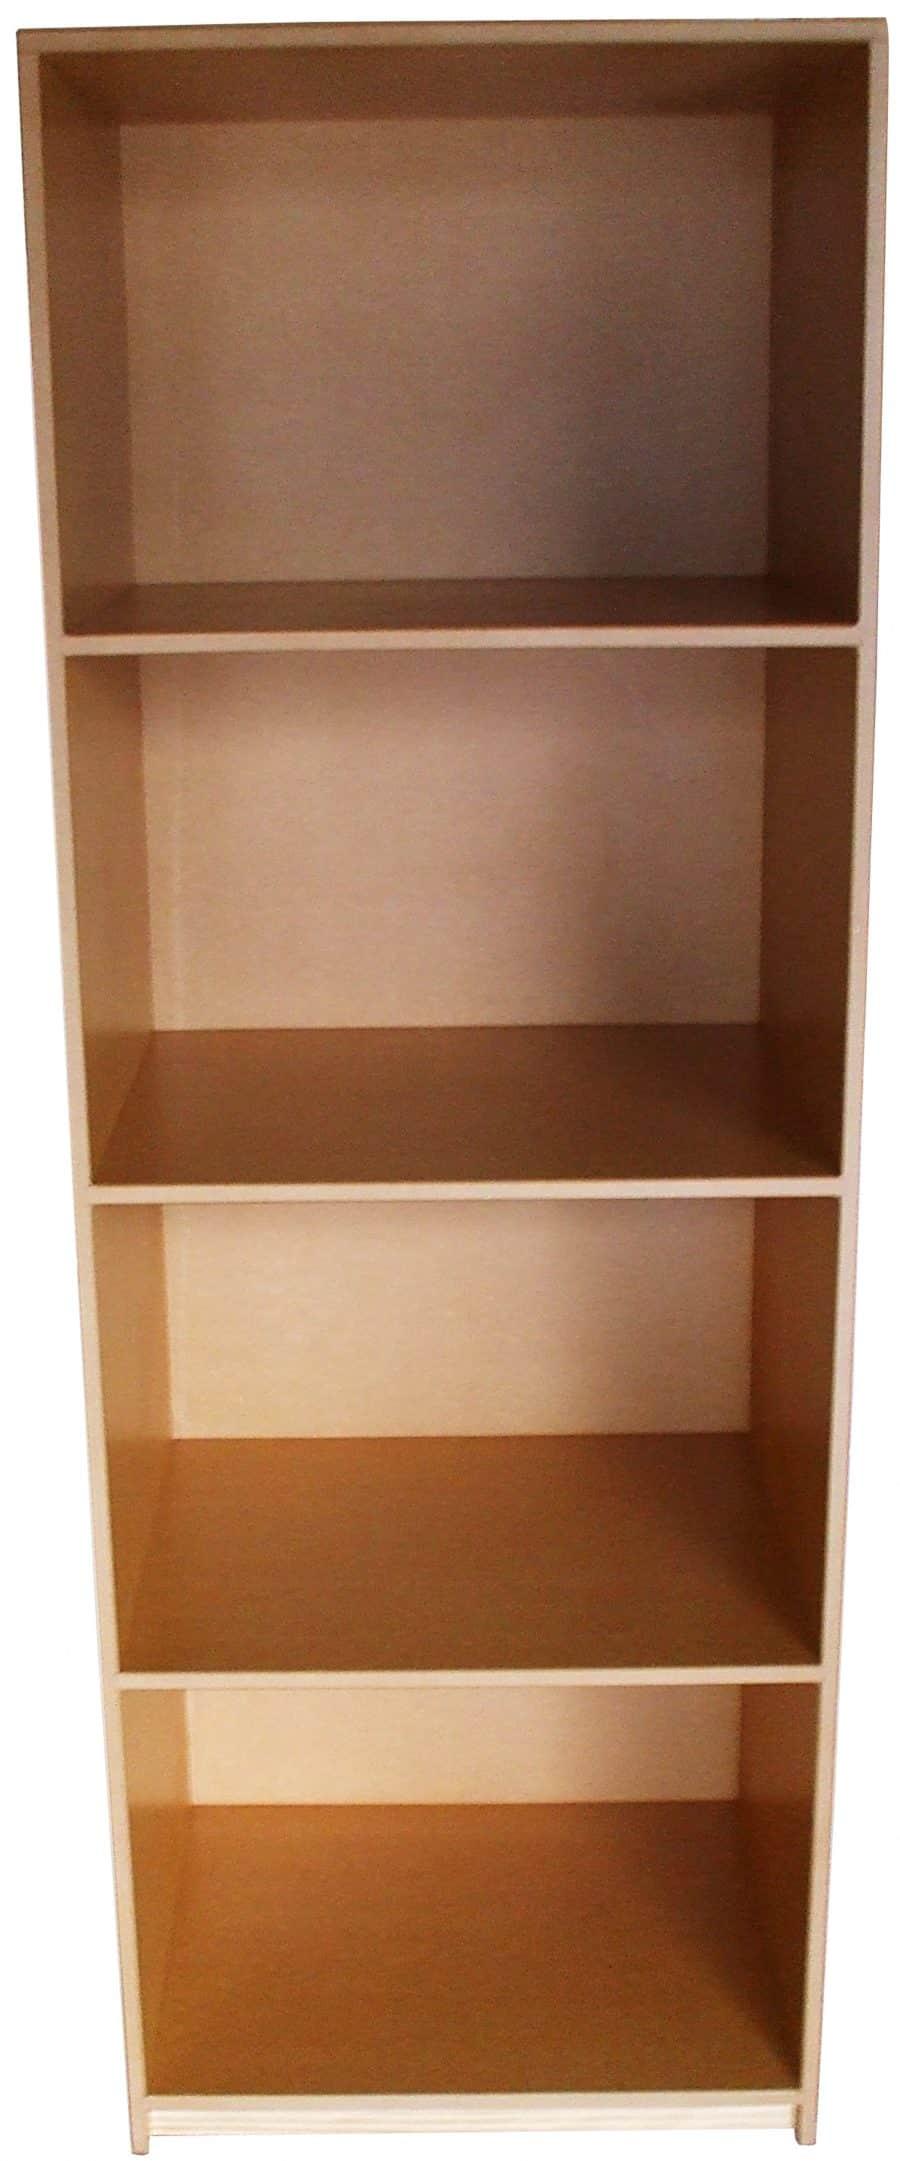 Storage Unit Four Shelf